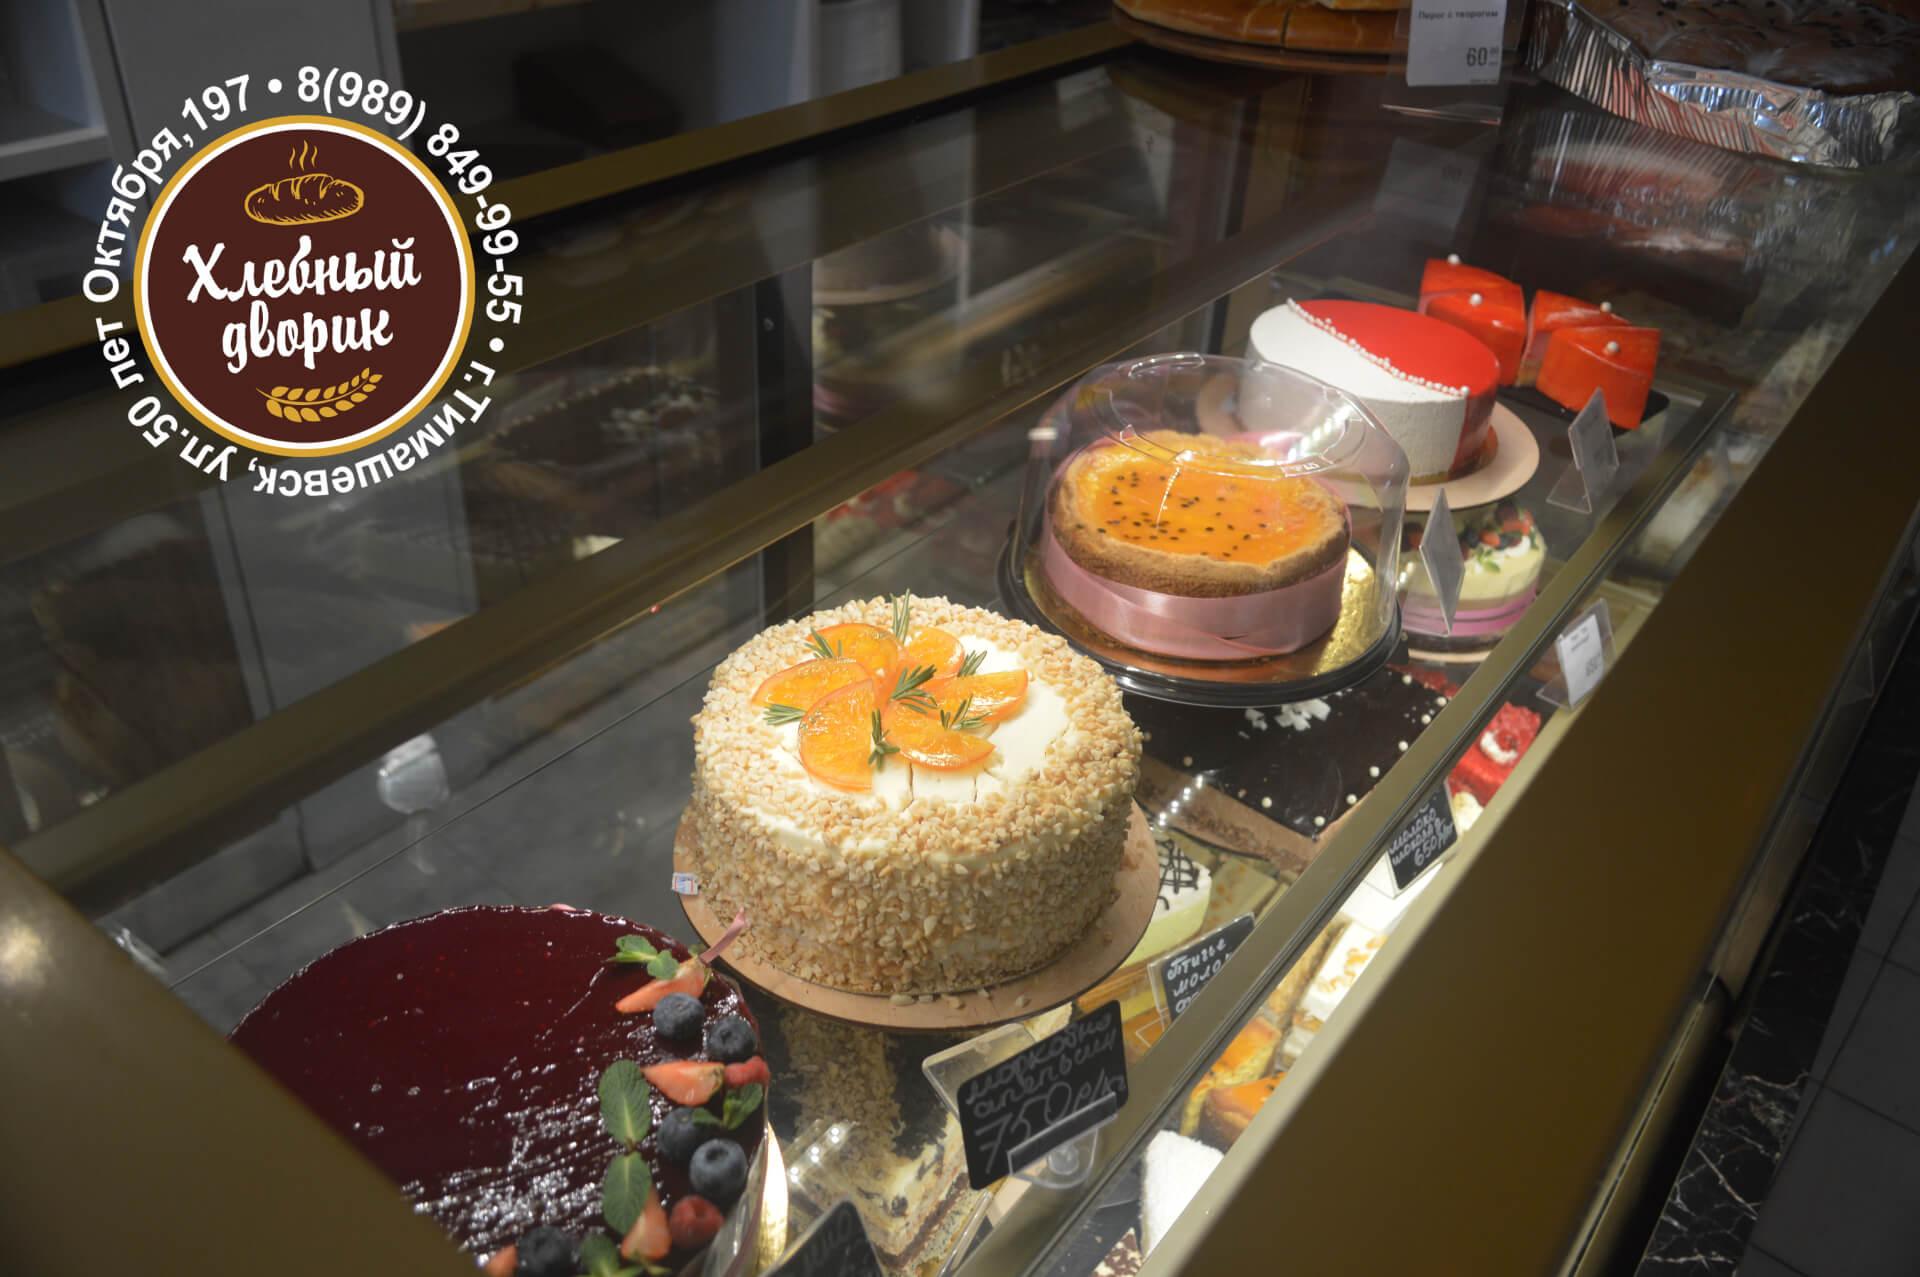 Ассортимент тортов в кондитерской Хлебный дворик в Тимашевске